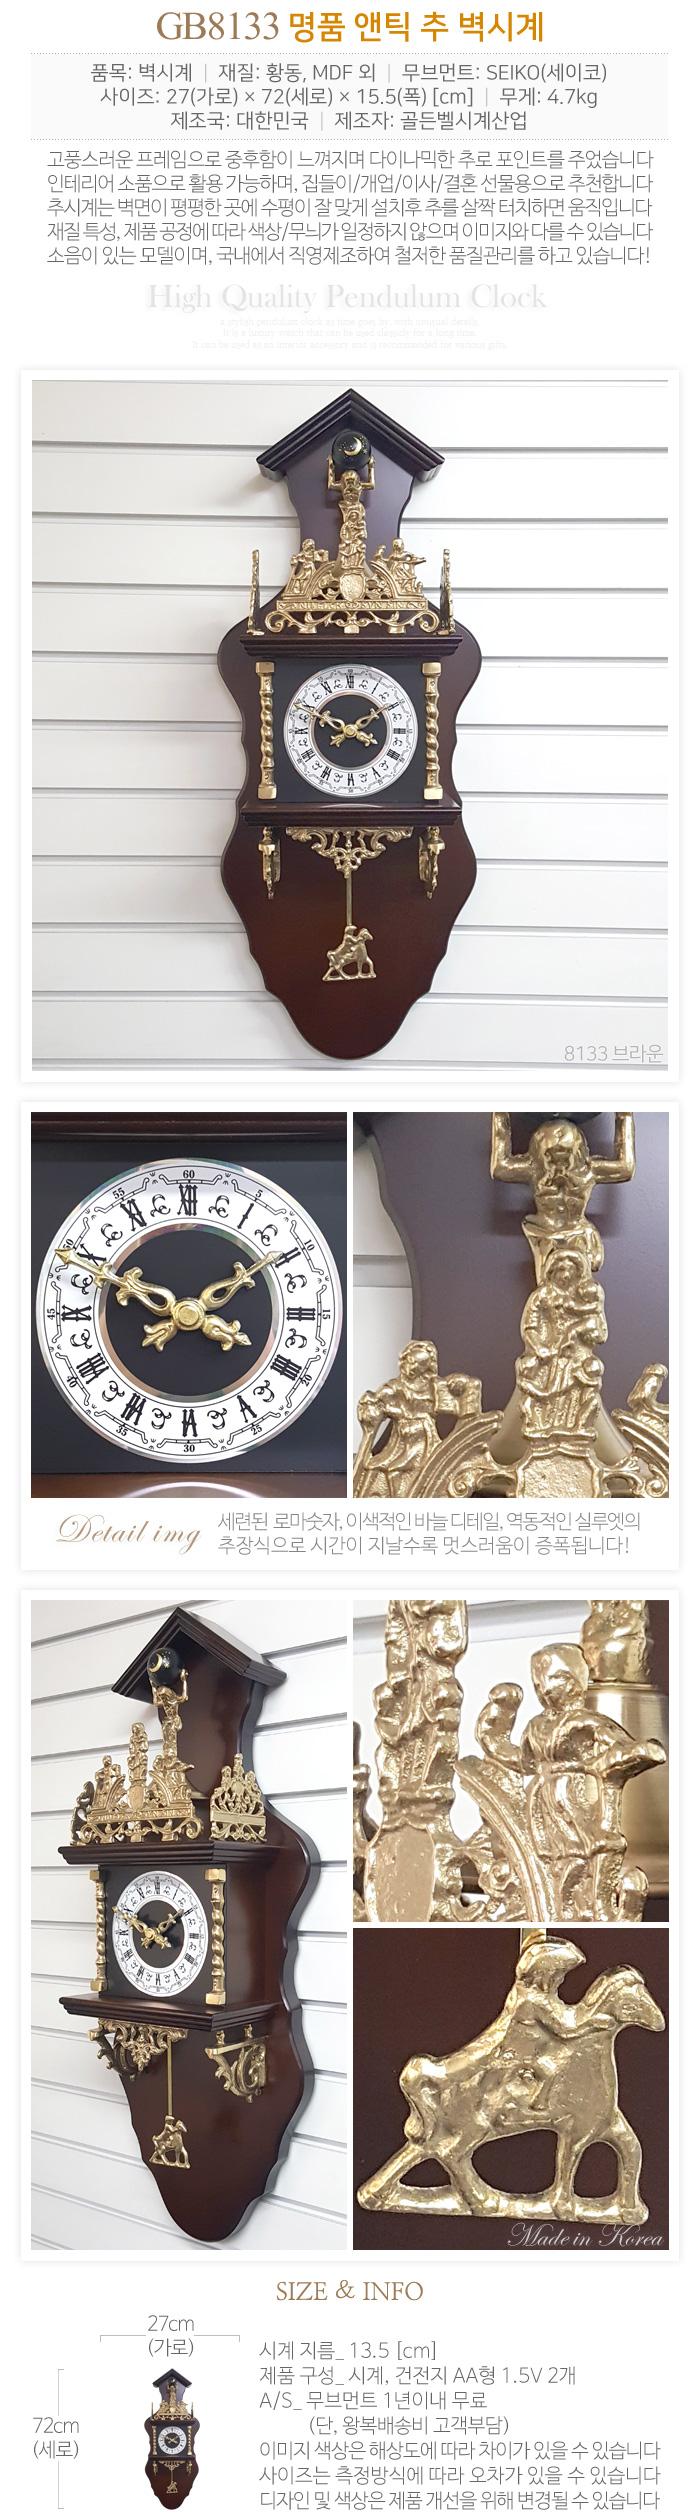 8133BS 명품 앤틱 추 벽시계 브라운 - 골든벨시계, 467,000원, 벽시계, 디자인벽시계